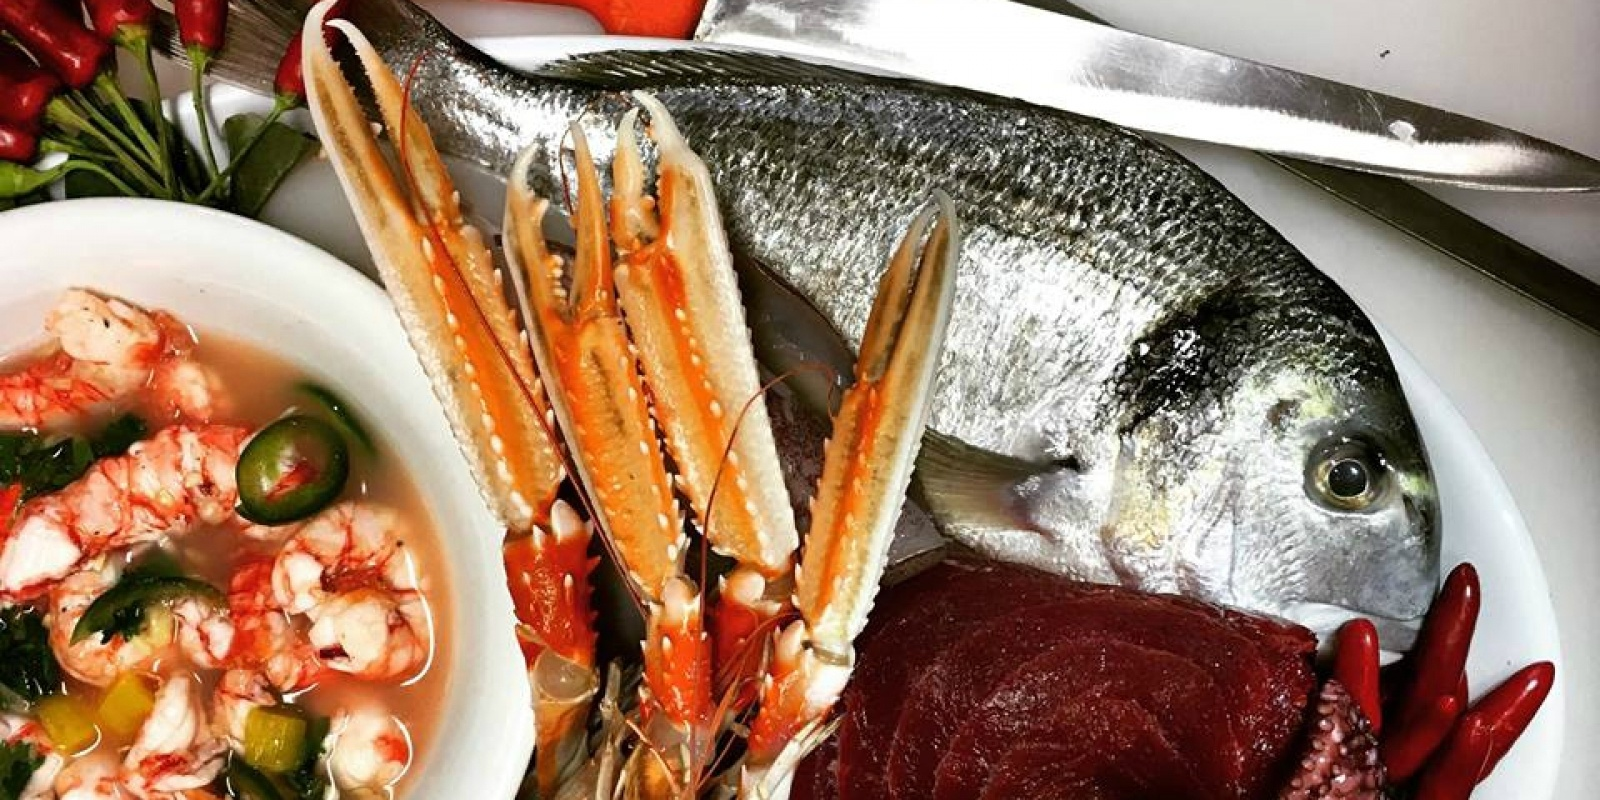 6 Ristoranti Di Milano Dove Mangiare Ottimo Pesce Spendendo Poco